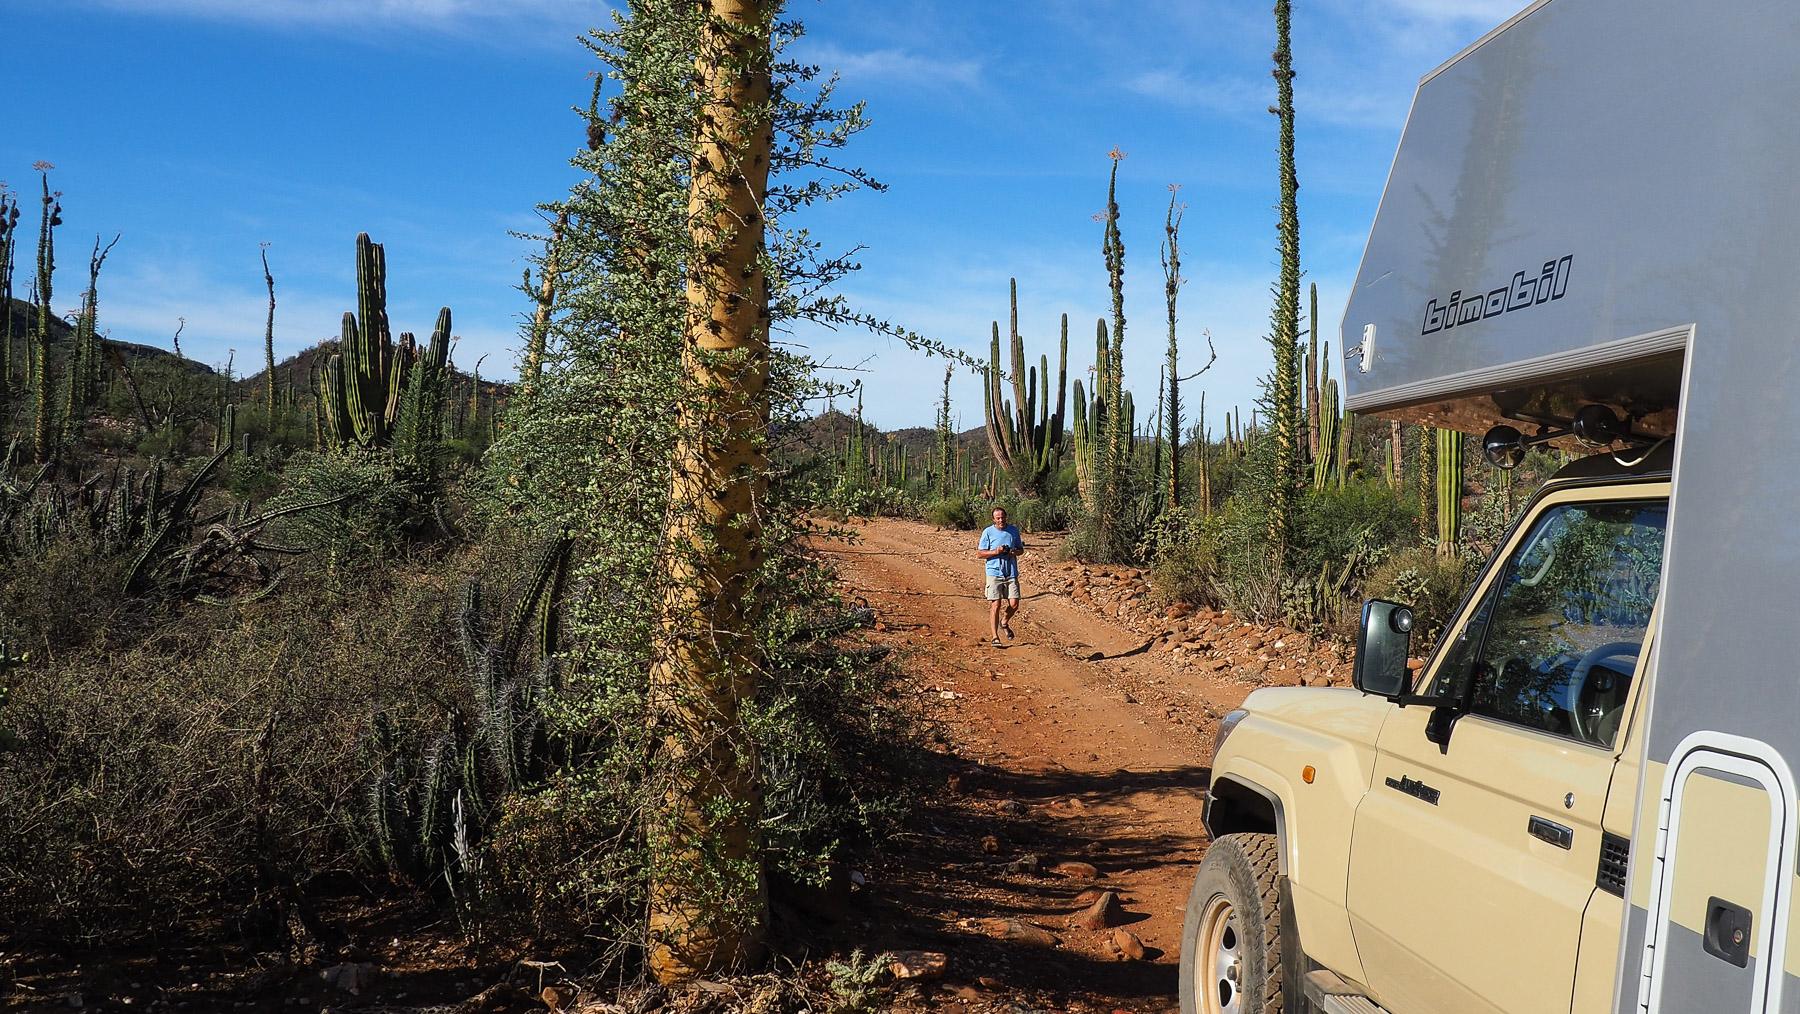 Merkwürdige Gebilde im Kaktusland